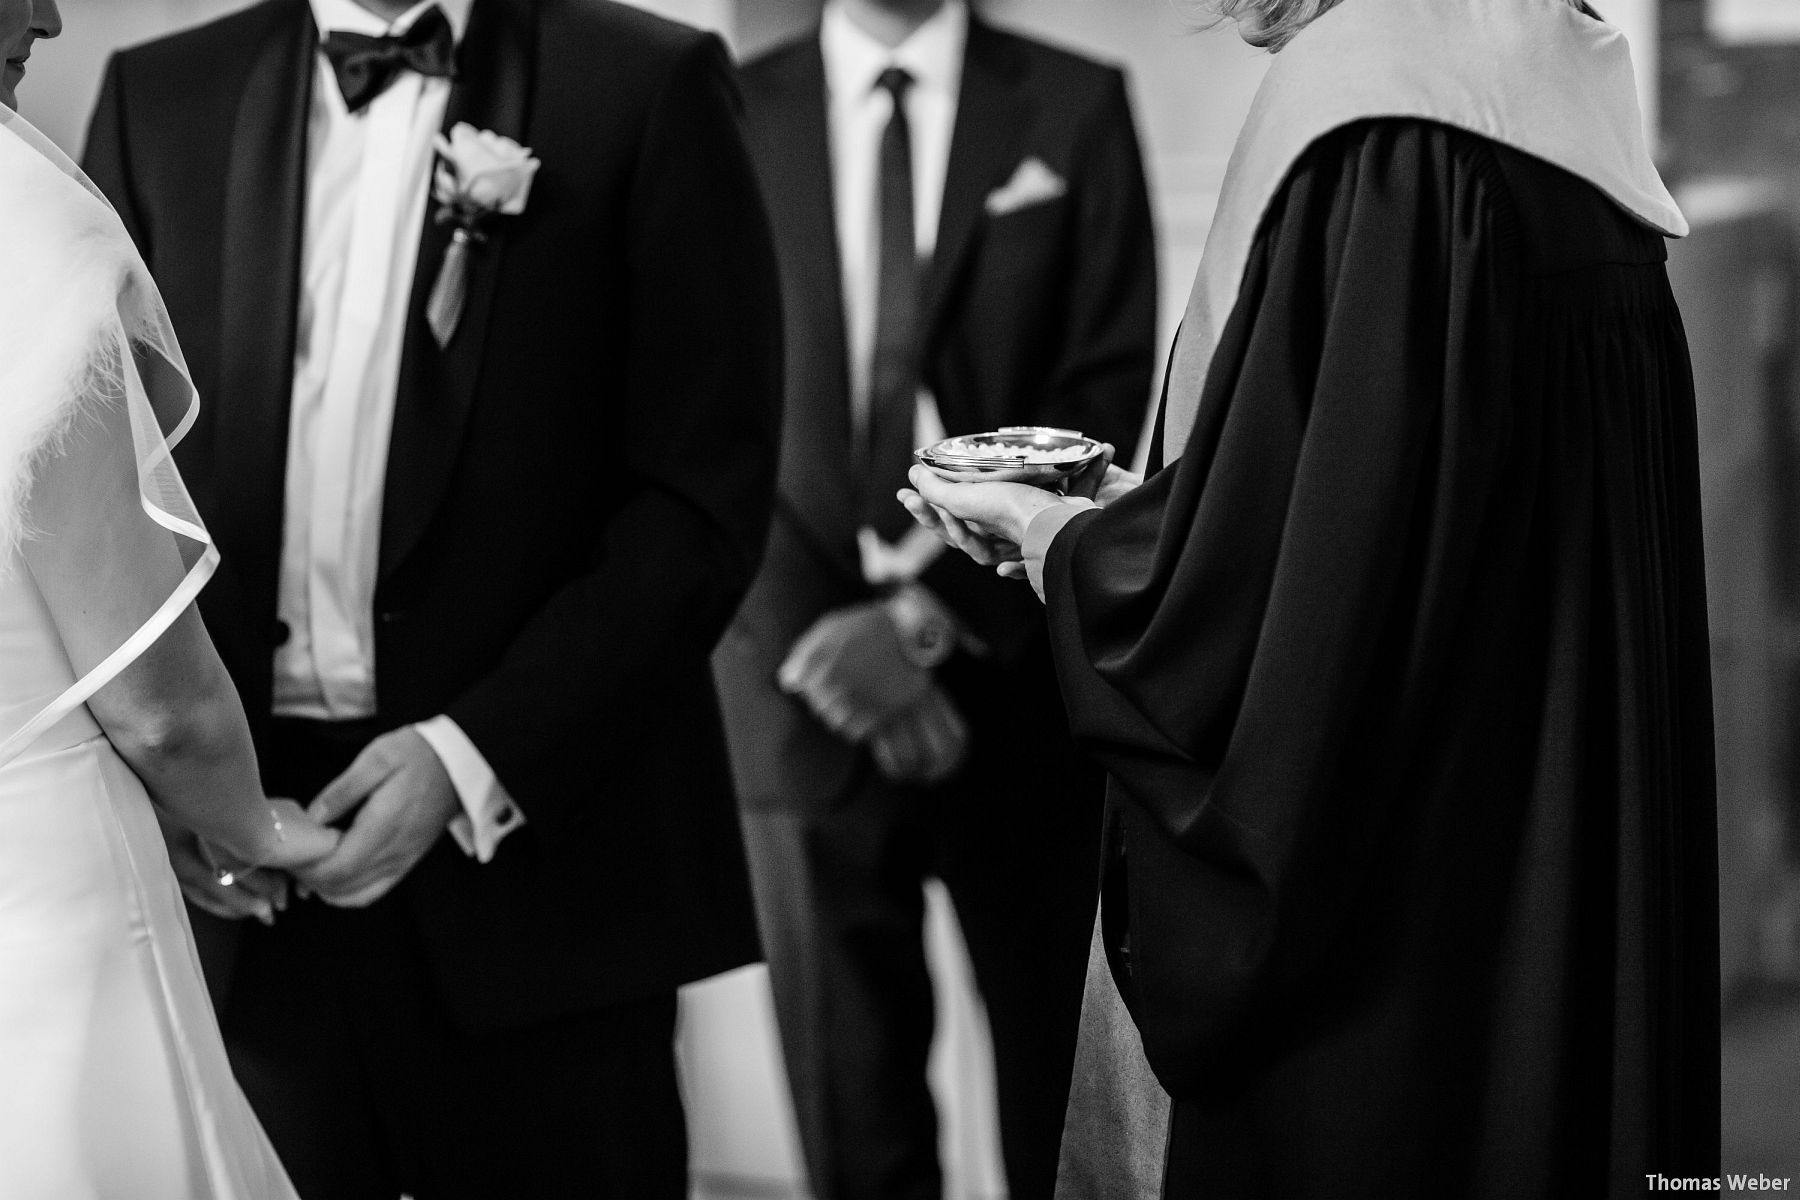 Hochzeitsfotograf Rastede: Kirchliche Trauung in der St. Ulrichs Kirche Rastede und Hochzeitsfeier in der Eventscheune St Georg Rastede mit dem Catering von Split Food (Michael Niebuhr) aus Oldenburg (26)